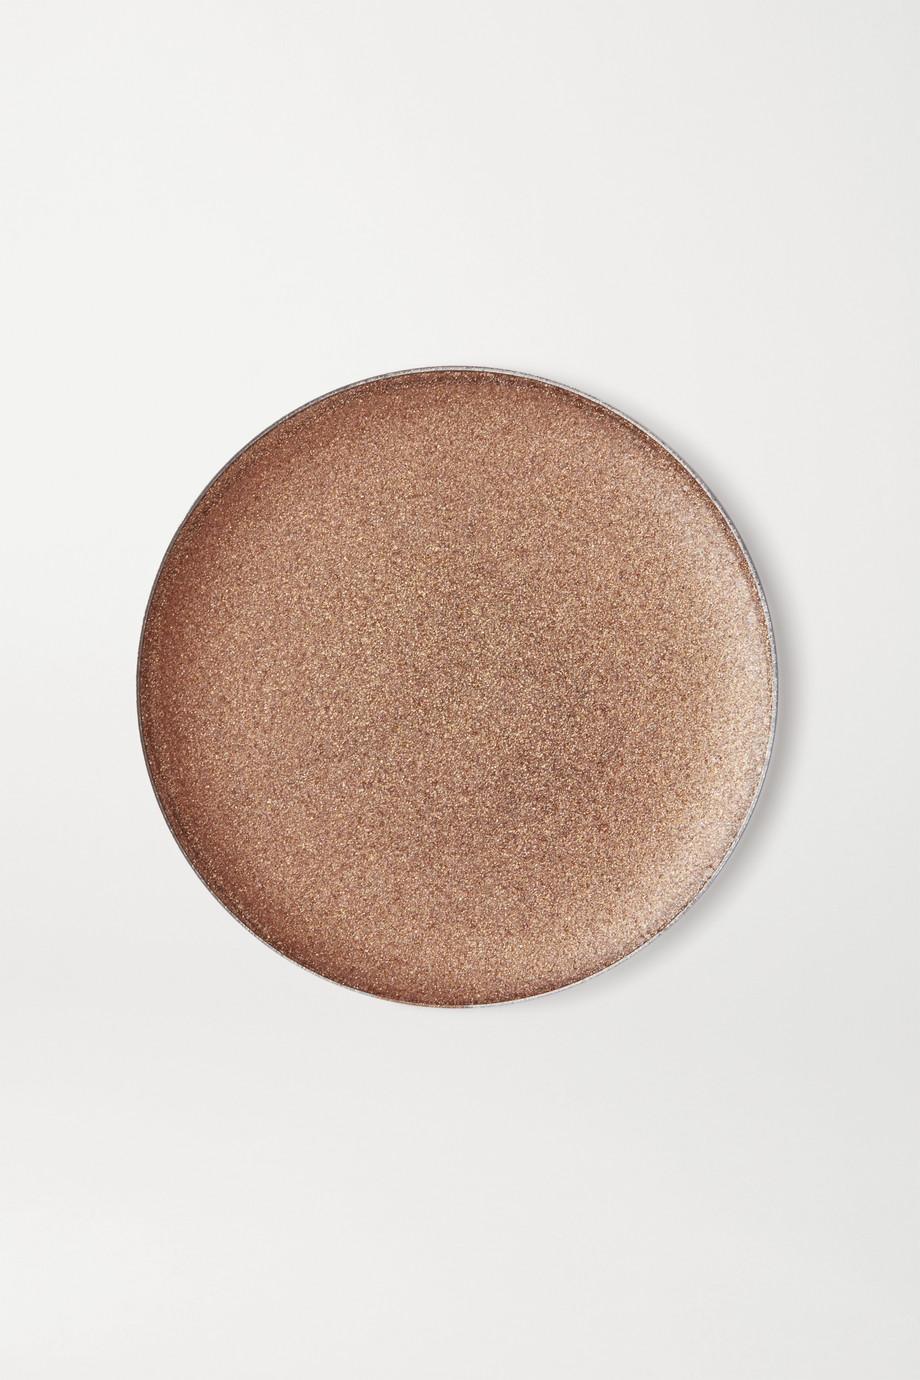 Kjaer Weis Cream Eye Shadow Refill - Alluring